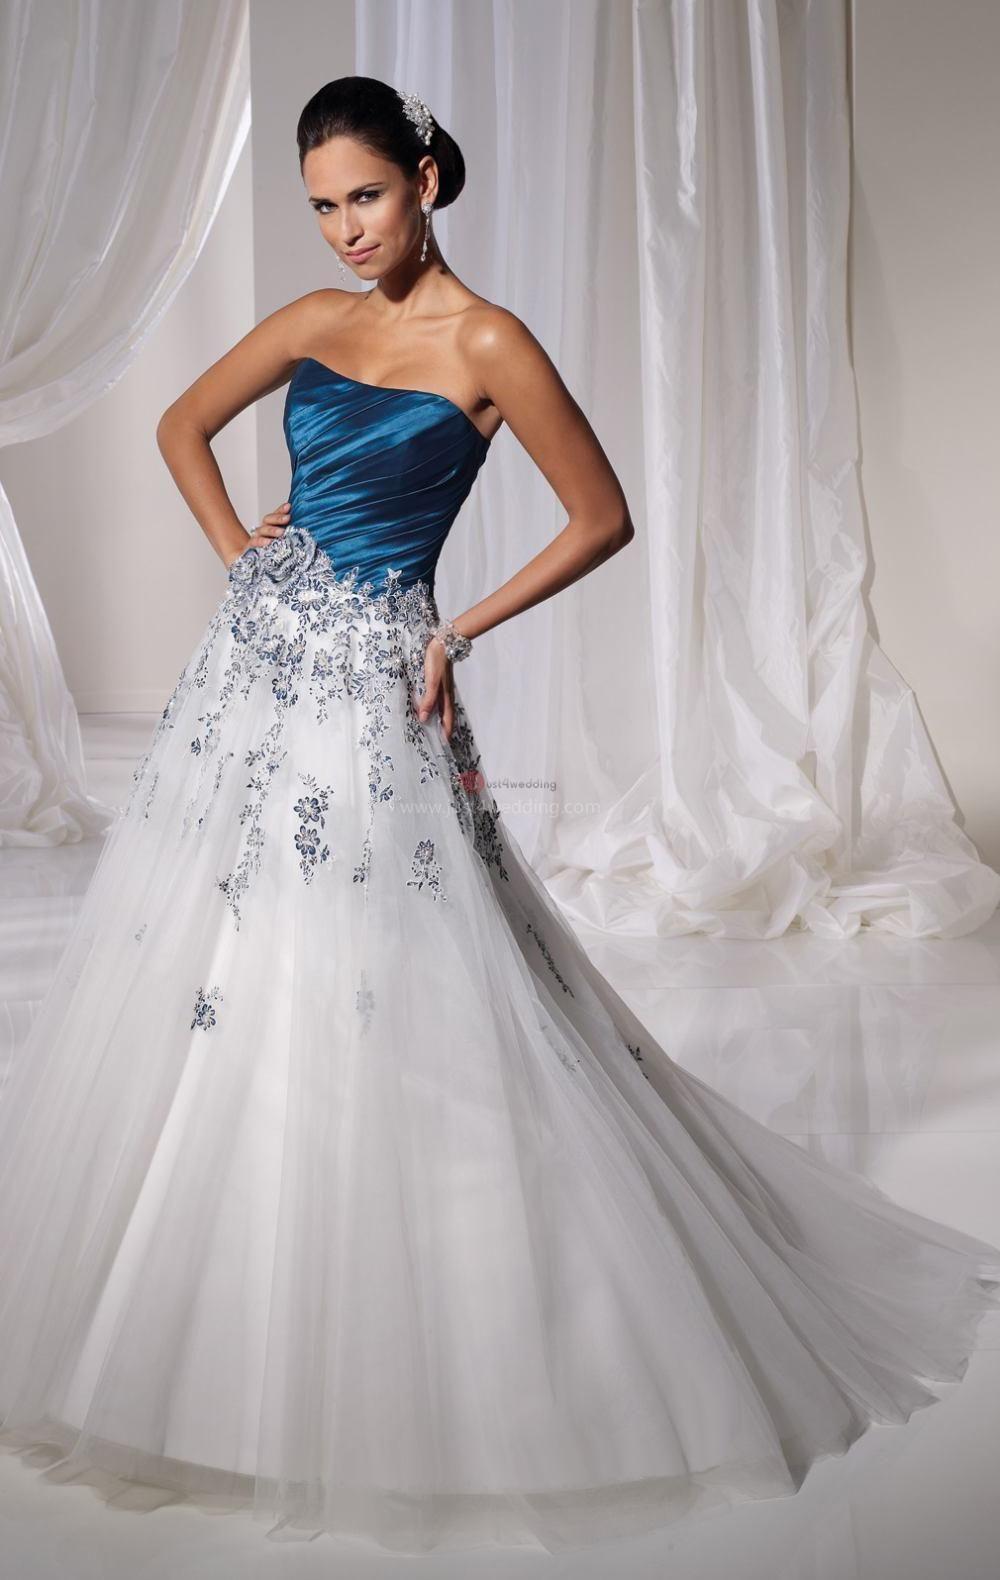 Blue and white wedding dress wedding magazine pinterest blue